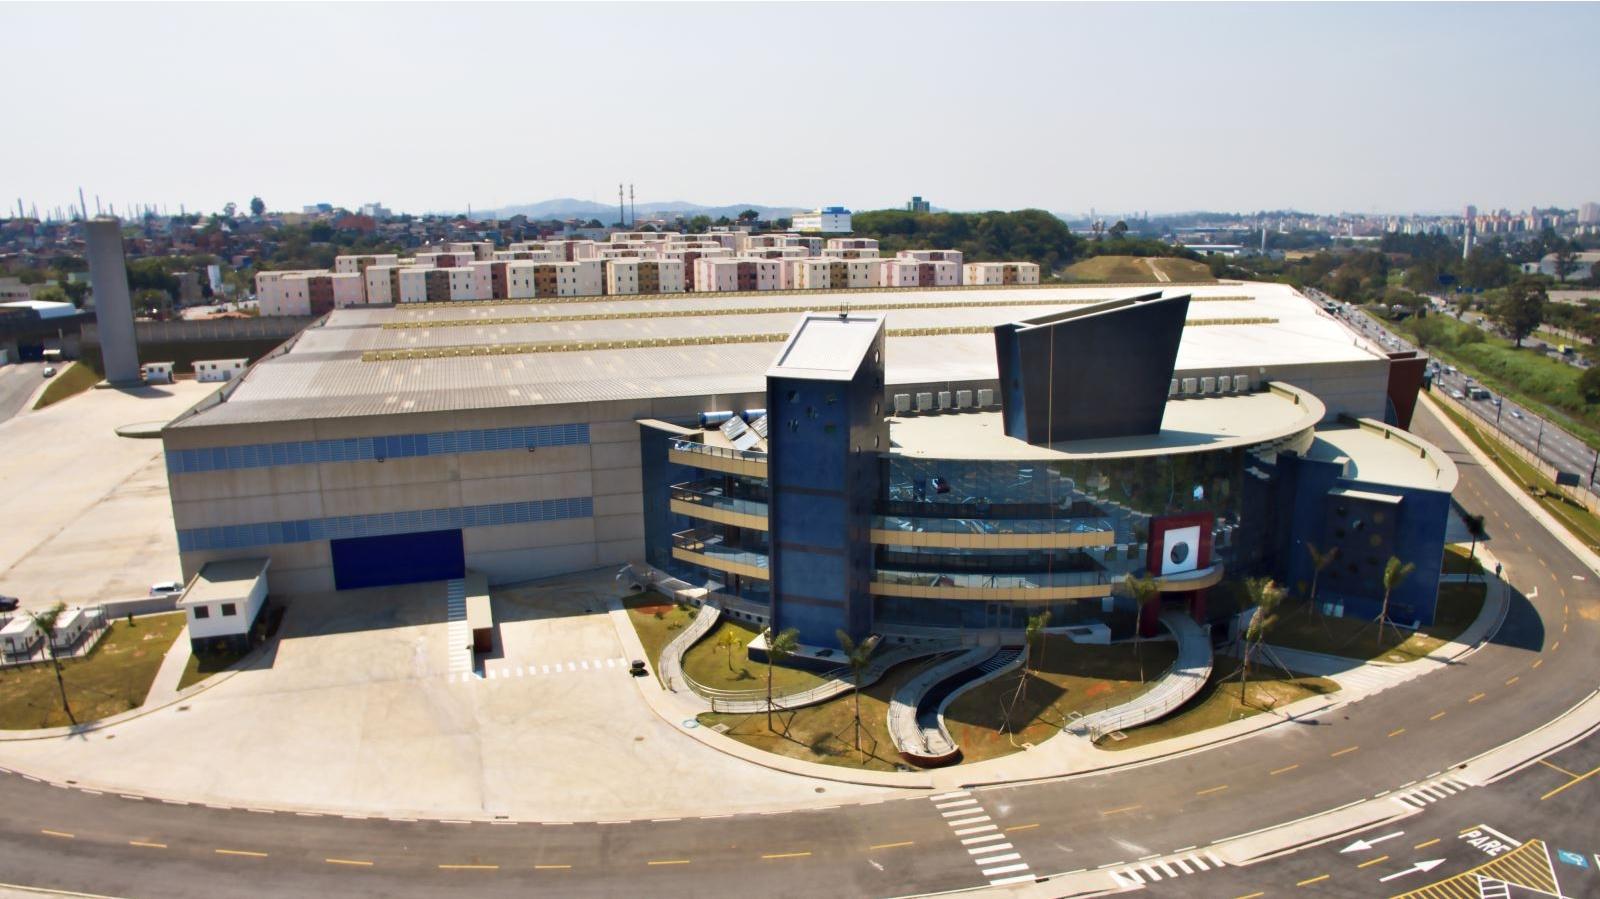 Royce Connect III, em Santo André (SP). Com área construída de 43.277 m², o projeto constitui-se de um galpão para armazenamento e um edifício administrativo multipavimentos.